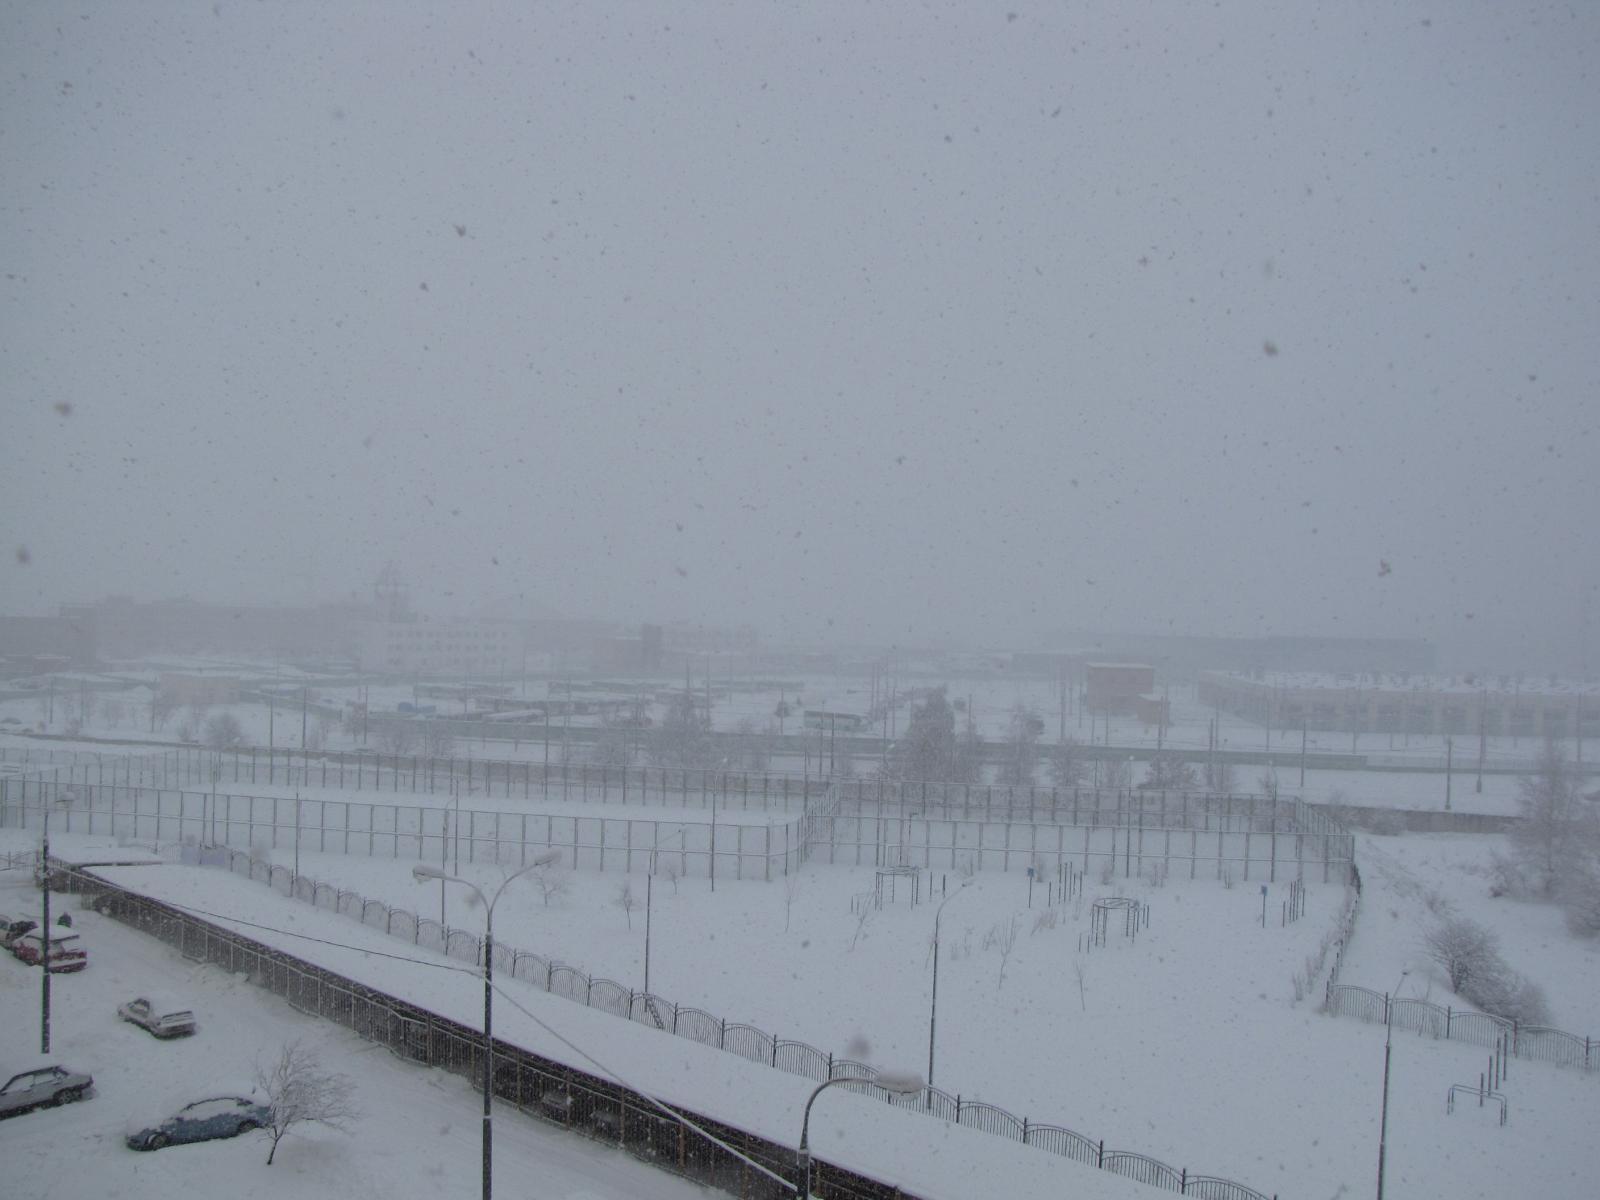 А снег кружился, кружился и падал...